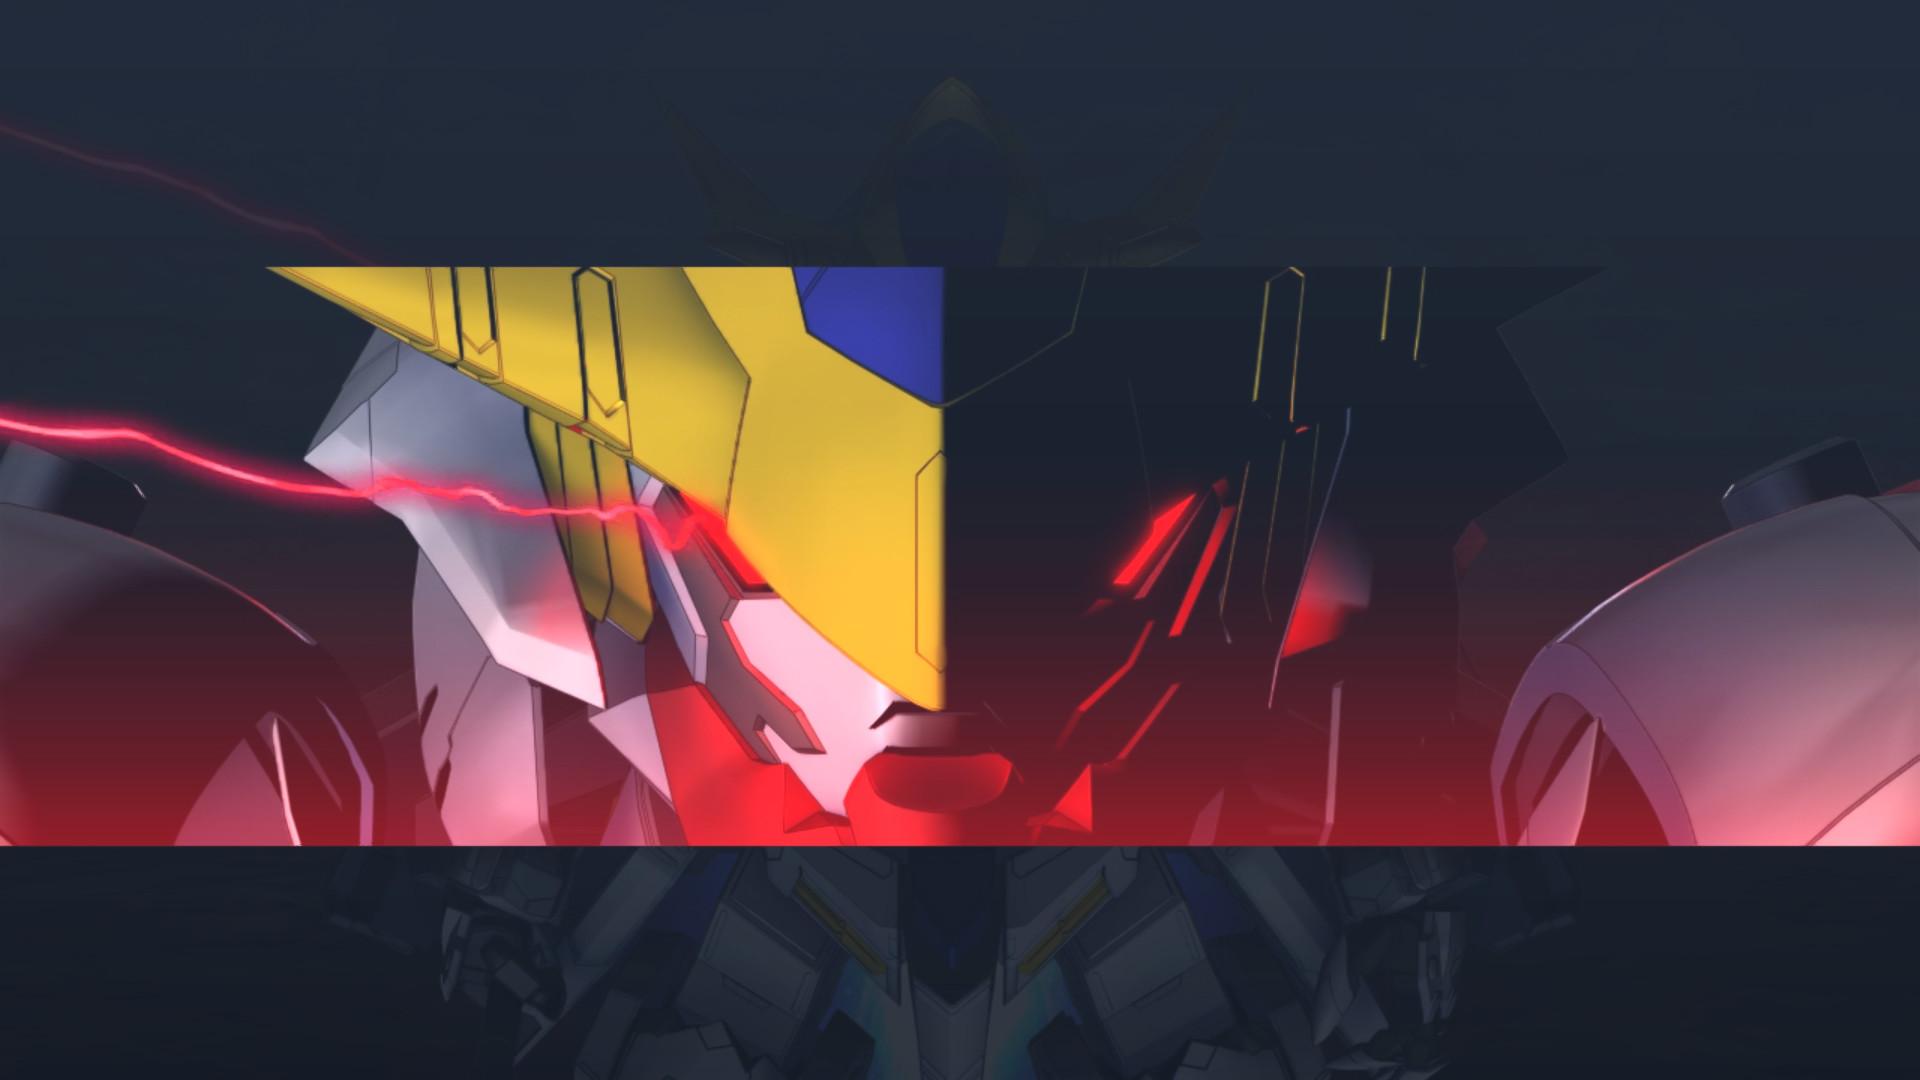 SD高达G世纪:火线纵横图片